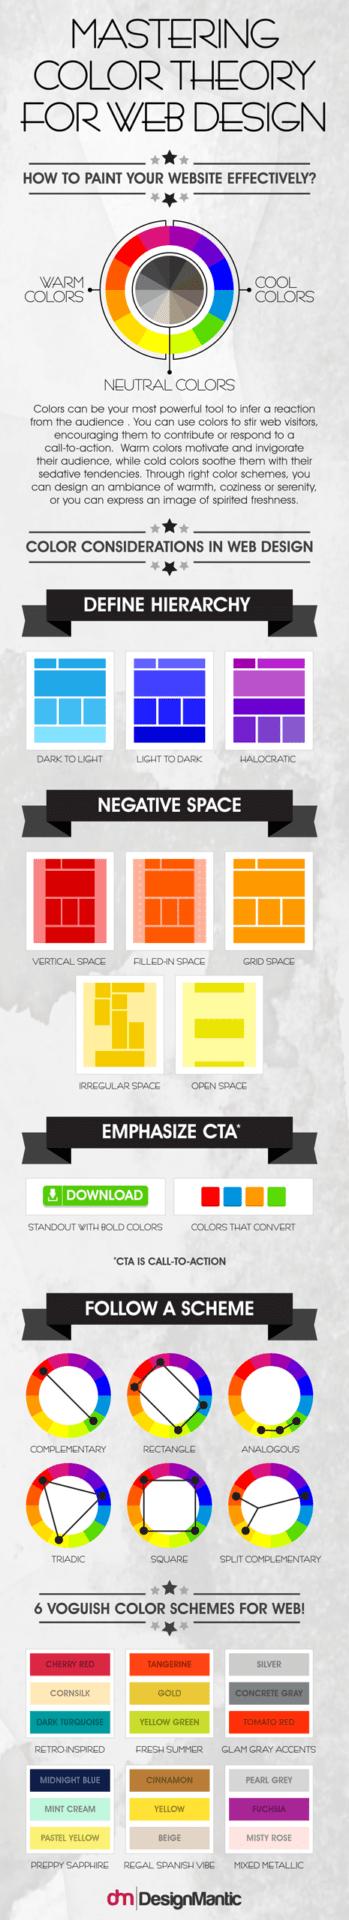 El diseño web y la teoría del color - SolucionesPM.com